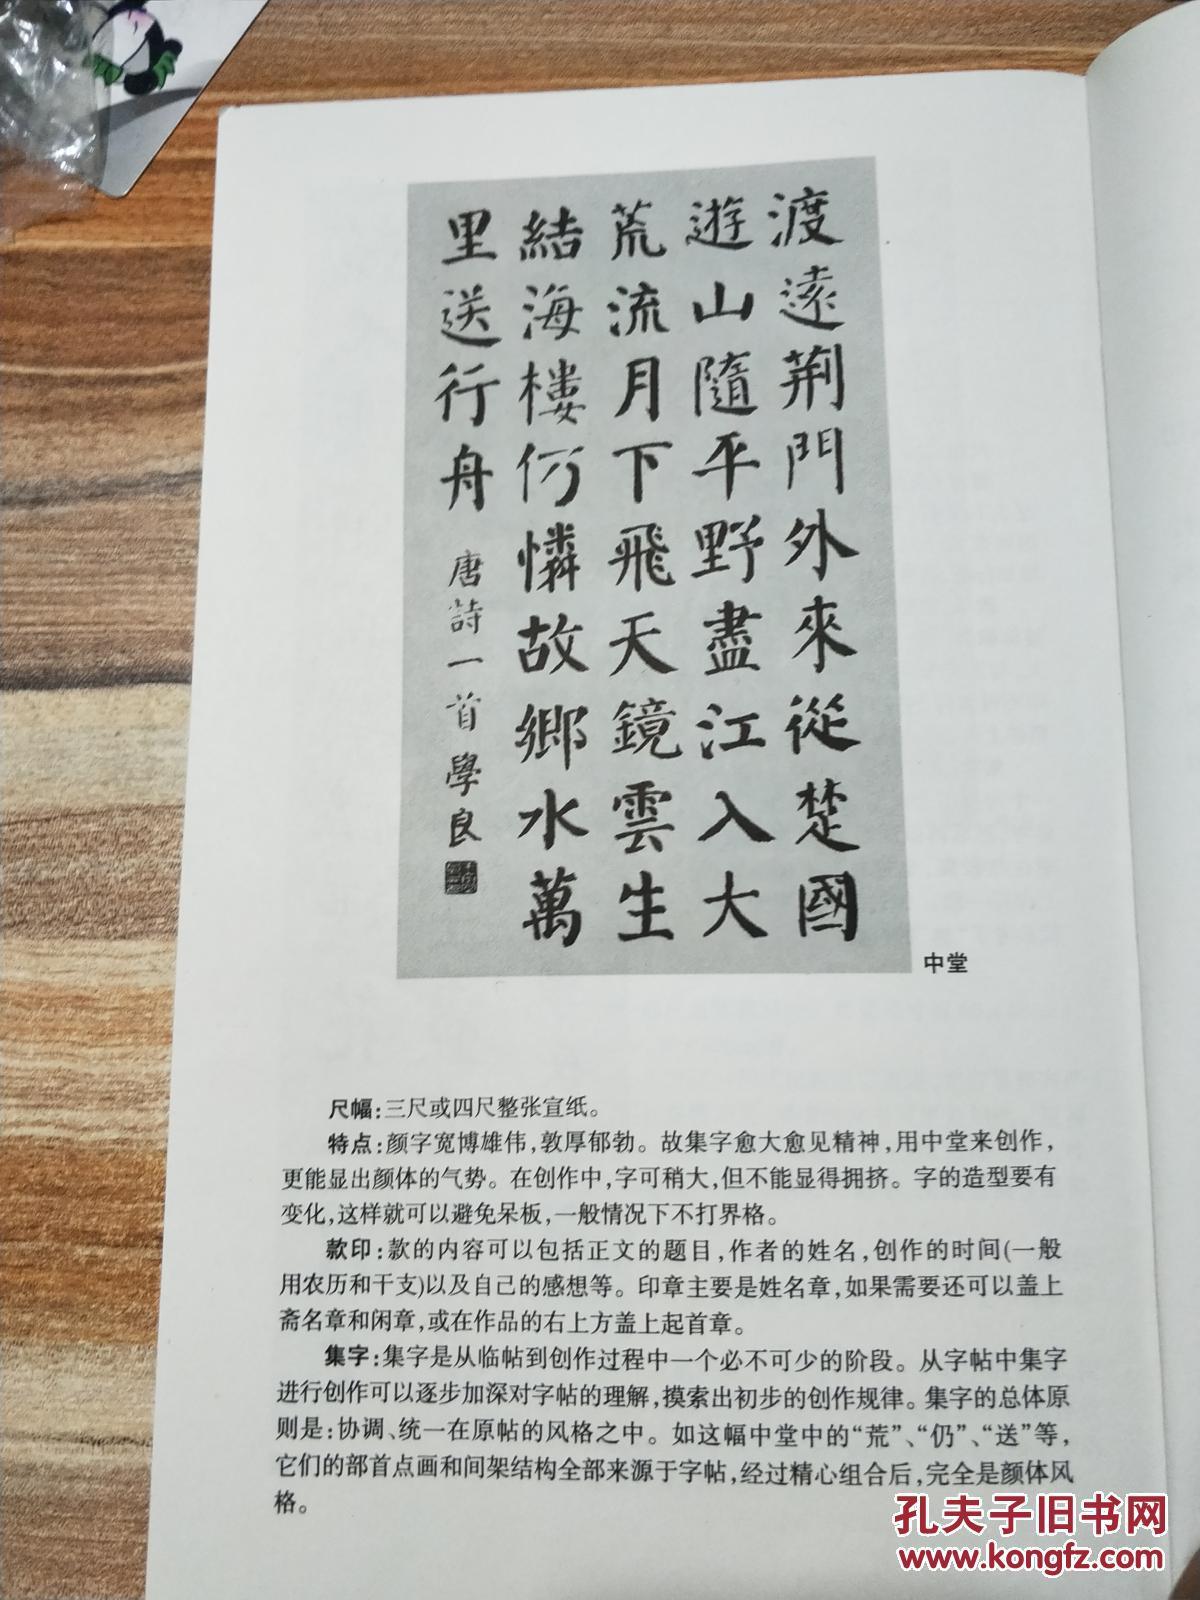 颜体集字古诗图片